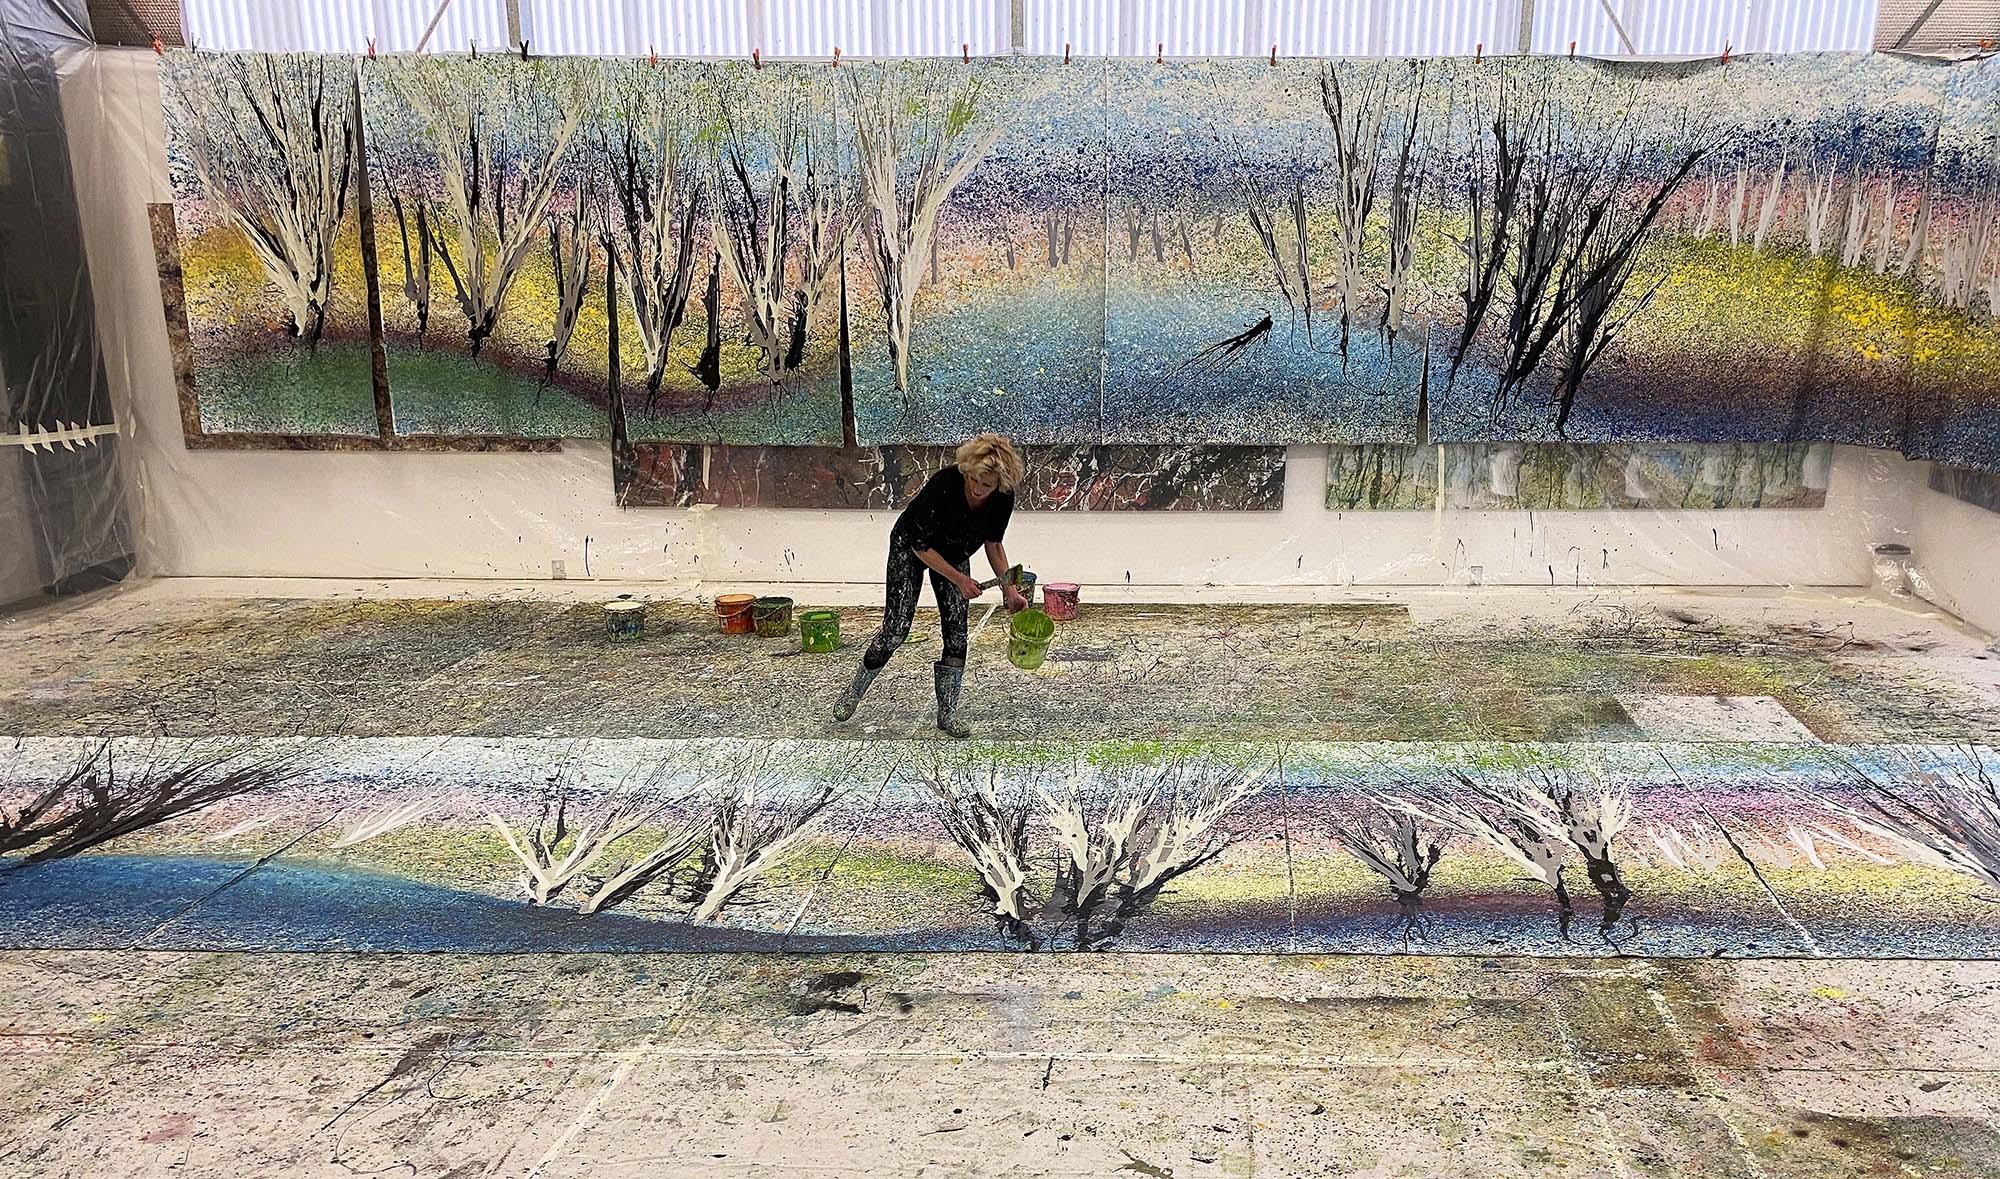 In Flow, Exhibition of Work by Kerrie Warren 2022